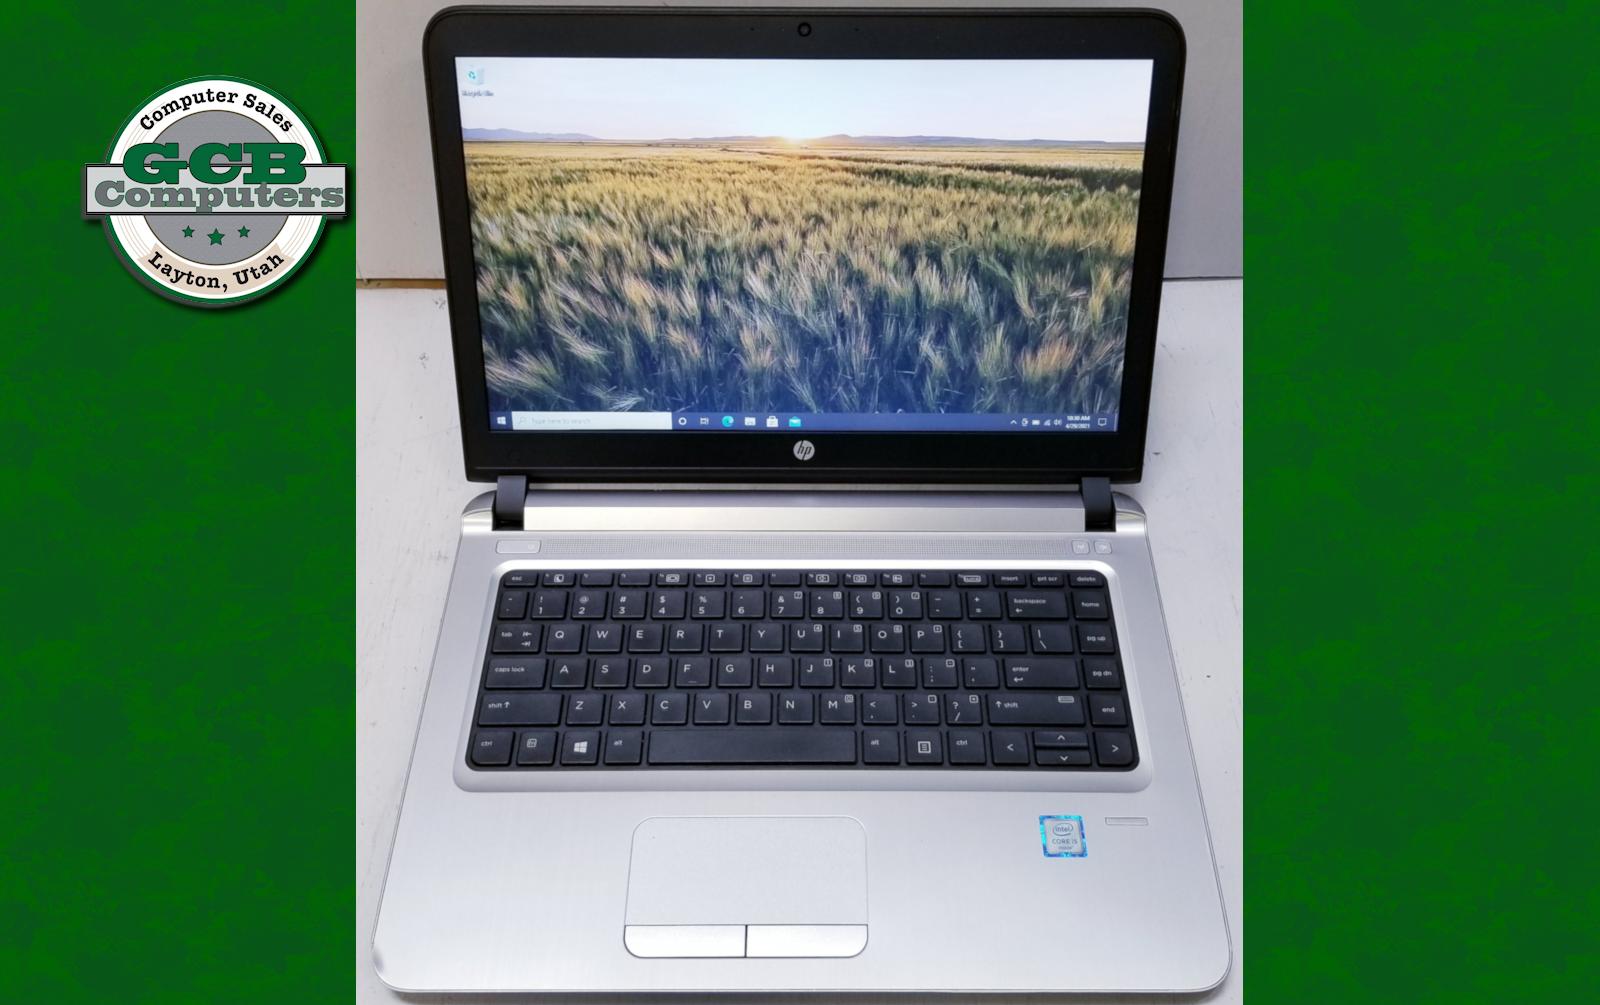 $200 HP ProBook 440 G3 i5-6200U 256GB SSD 8GB RAM